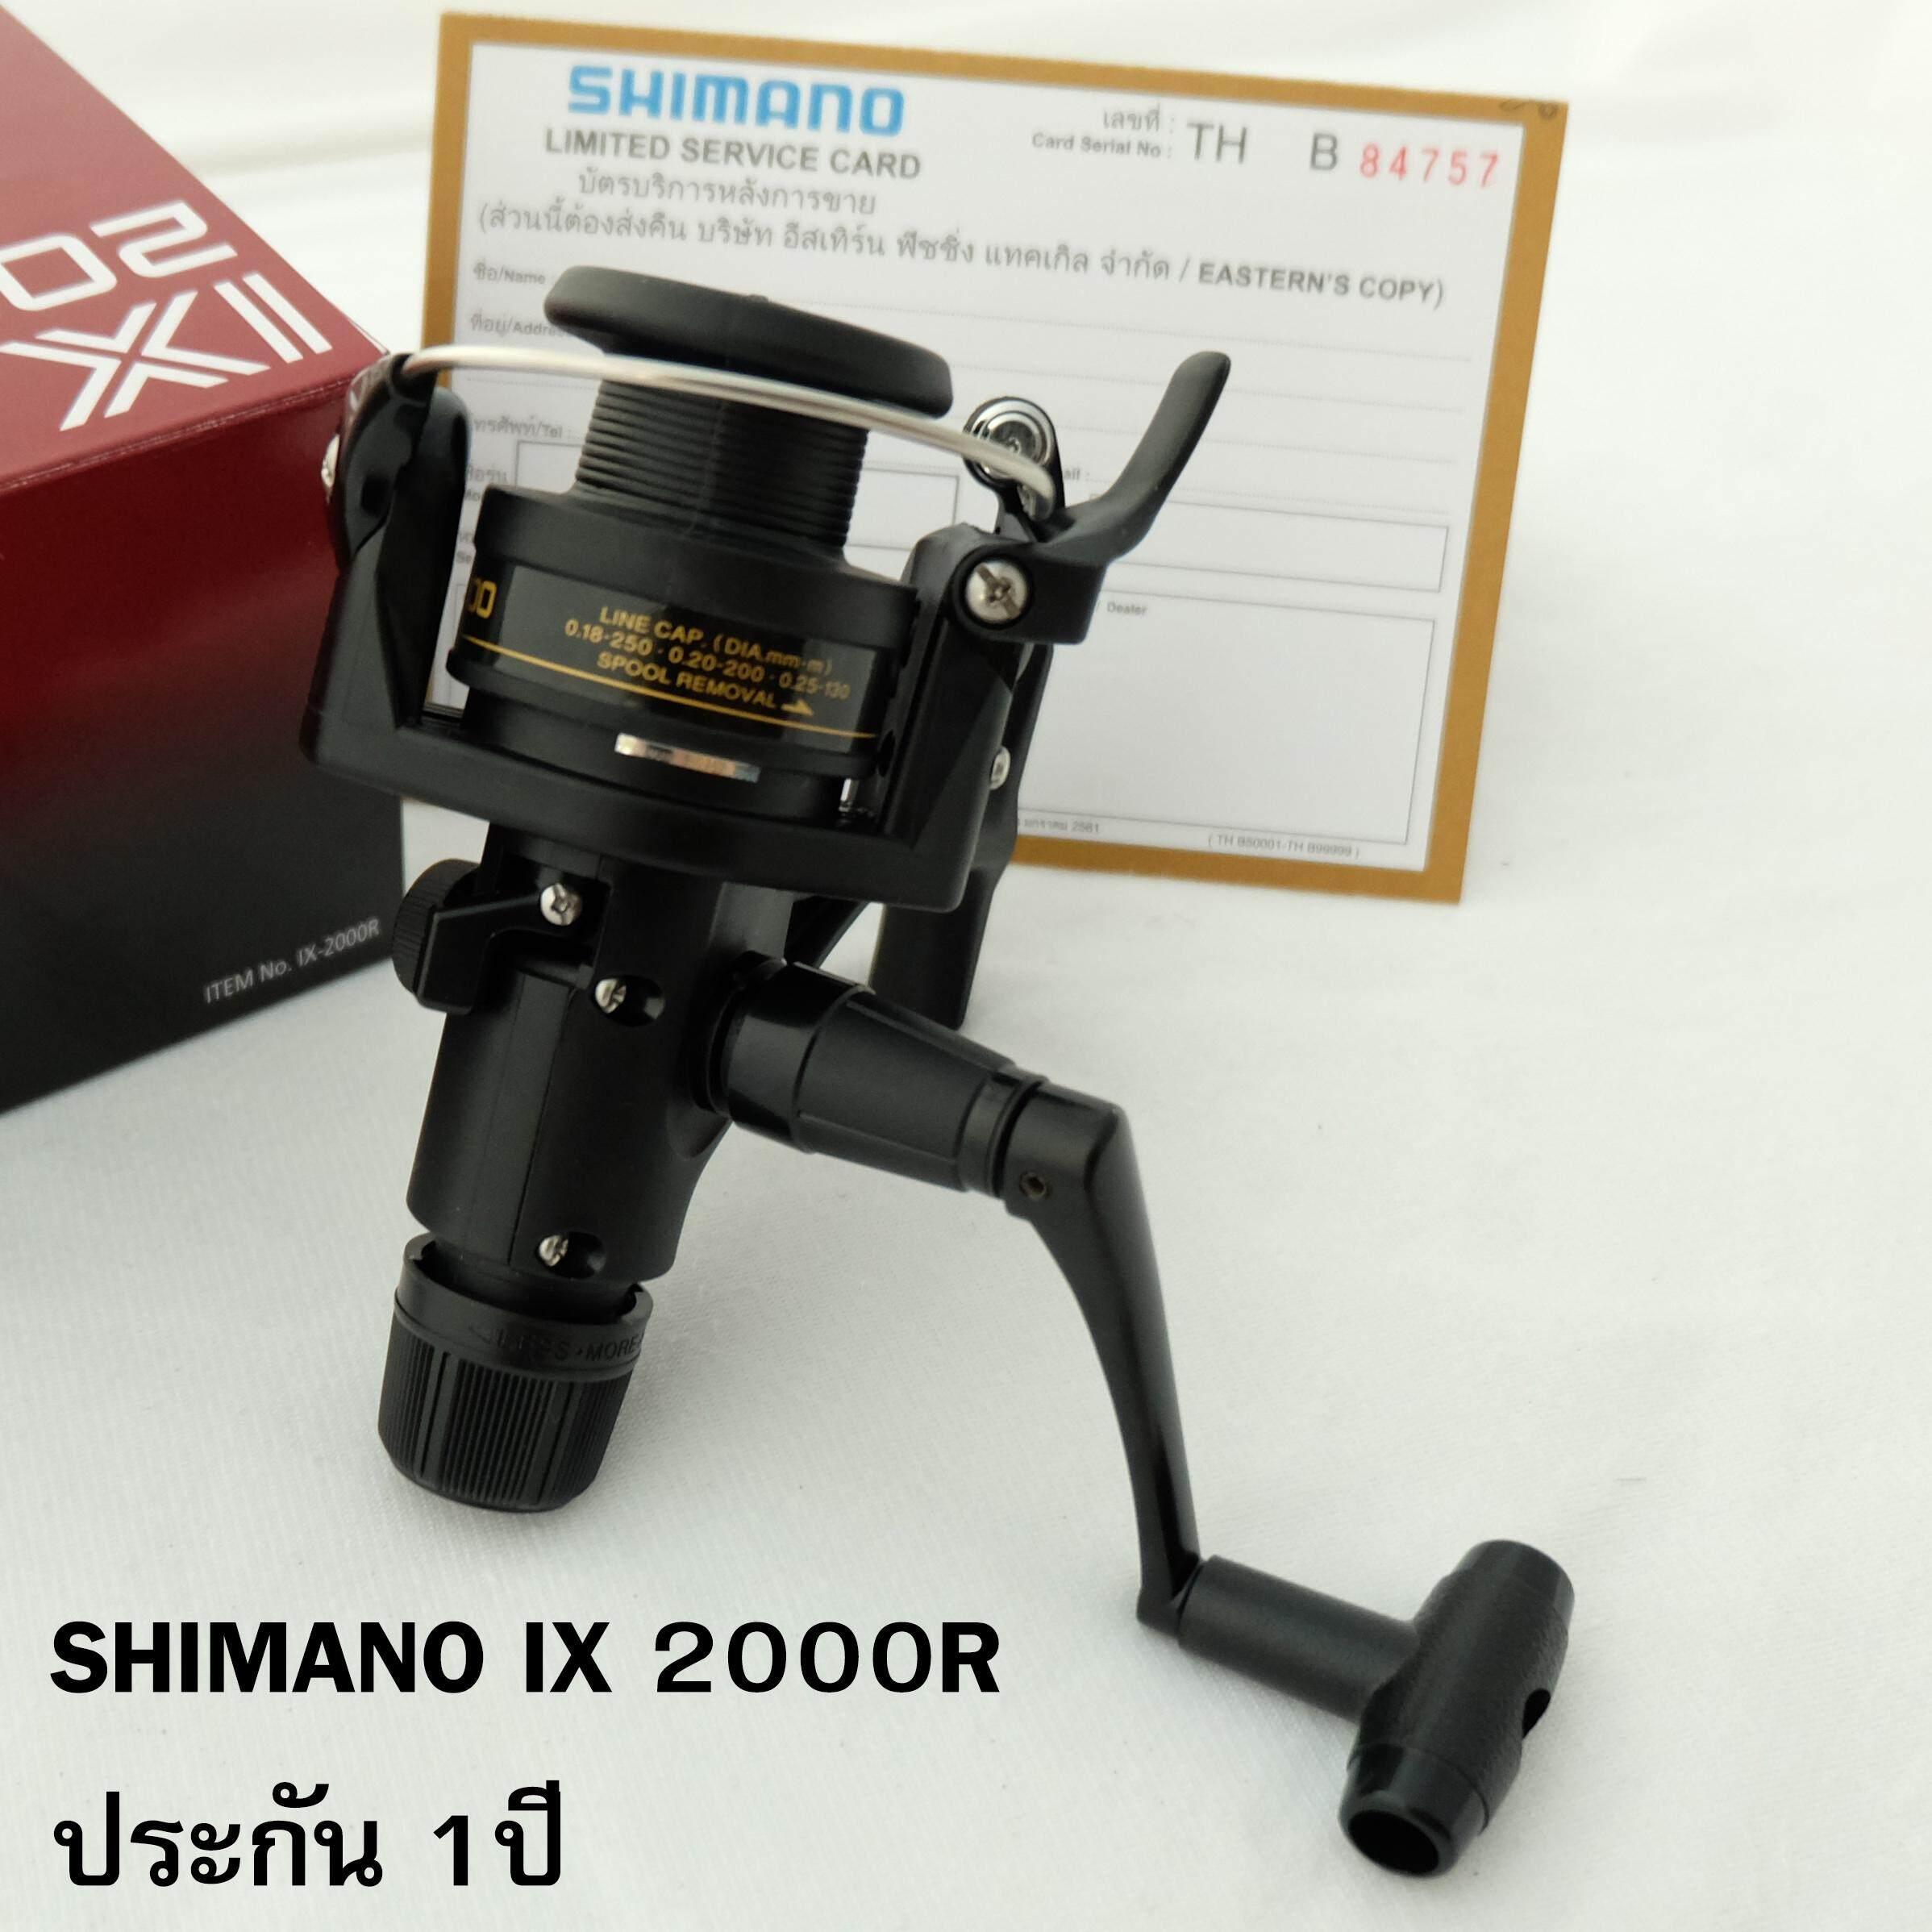 !ถูกสุด ประกัน 1 ปี Shimano IX2000R รอกสปินนิ่งเบรคท้าย